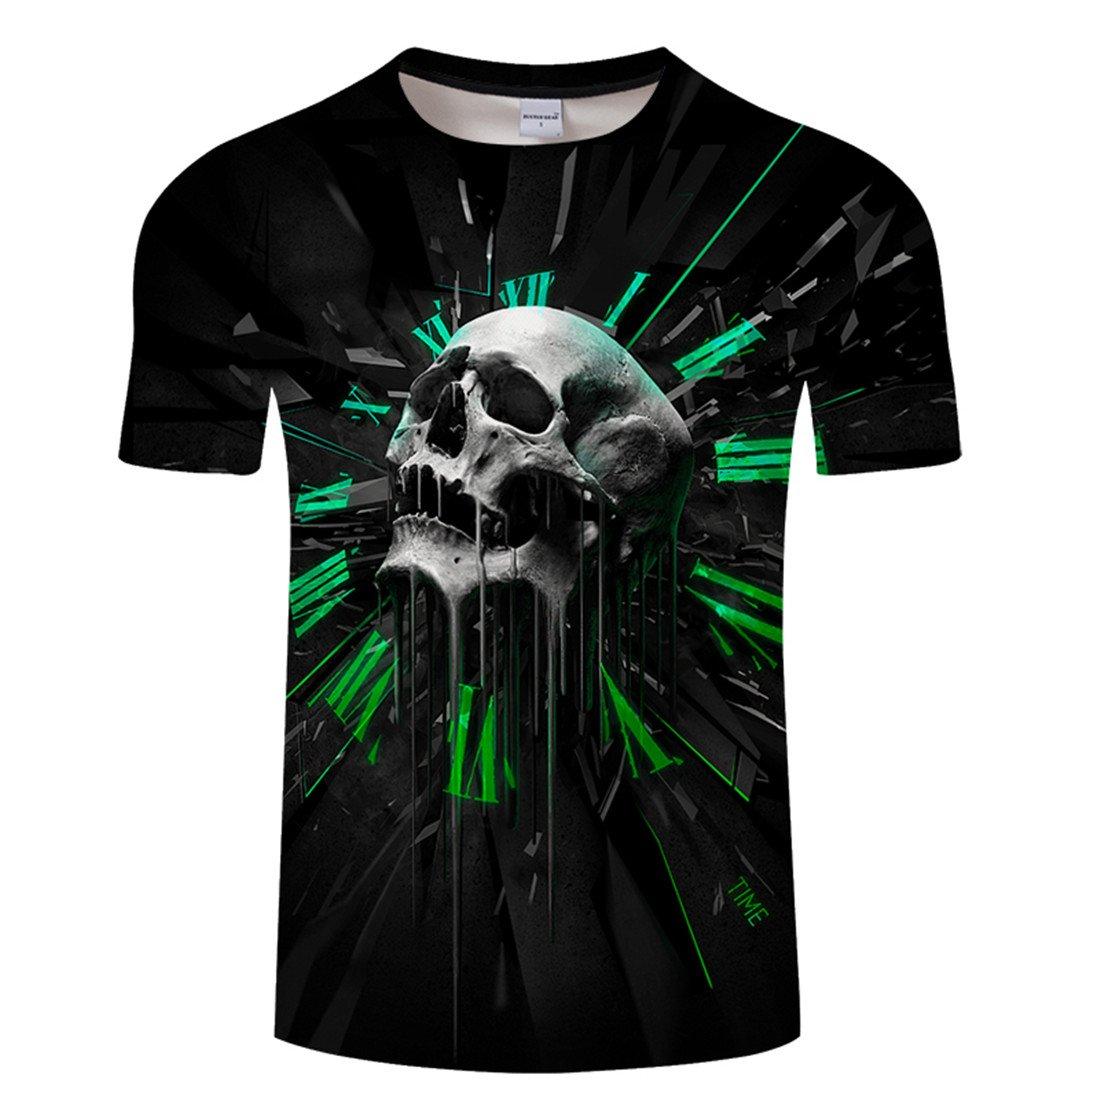 6d71eff839cf23 YICHUN Homme Femme Tops T-Shirt de Loisir Tête de Mort Crâne Tunique Tees  Chemisier Blouse Maillots de Sport  Amazon.fr  Vêtements et accessoires